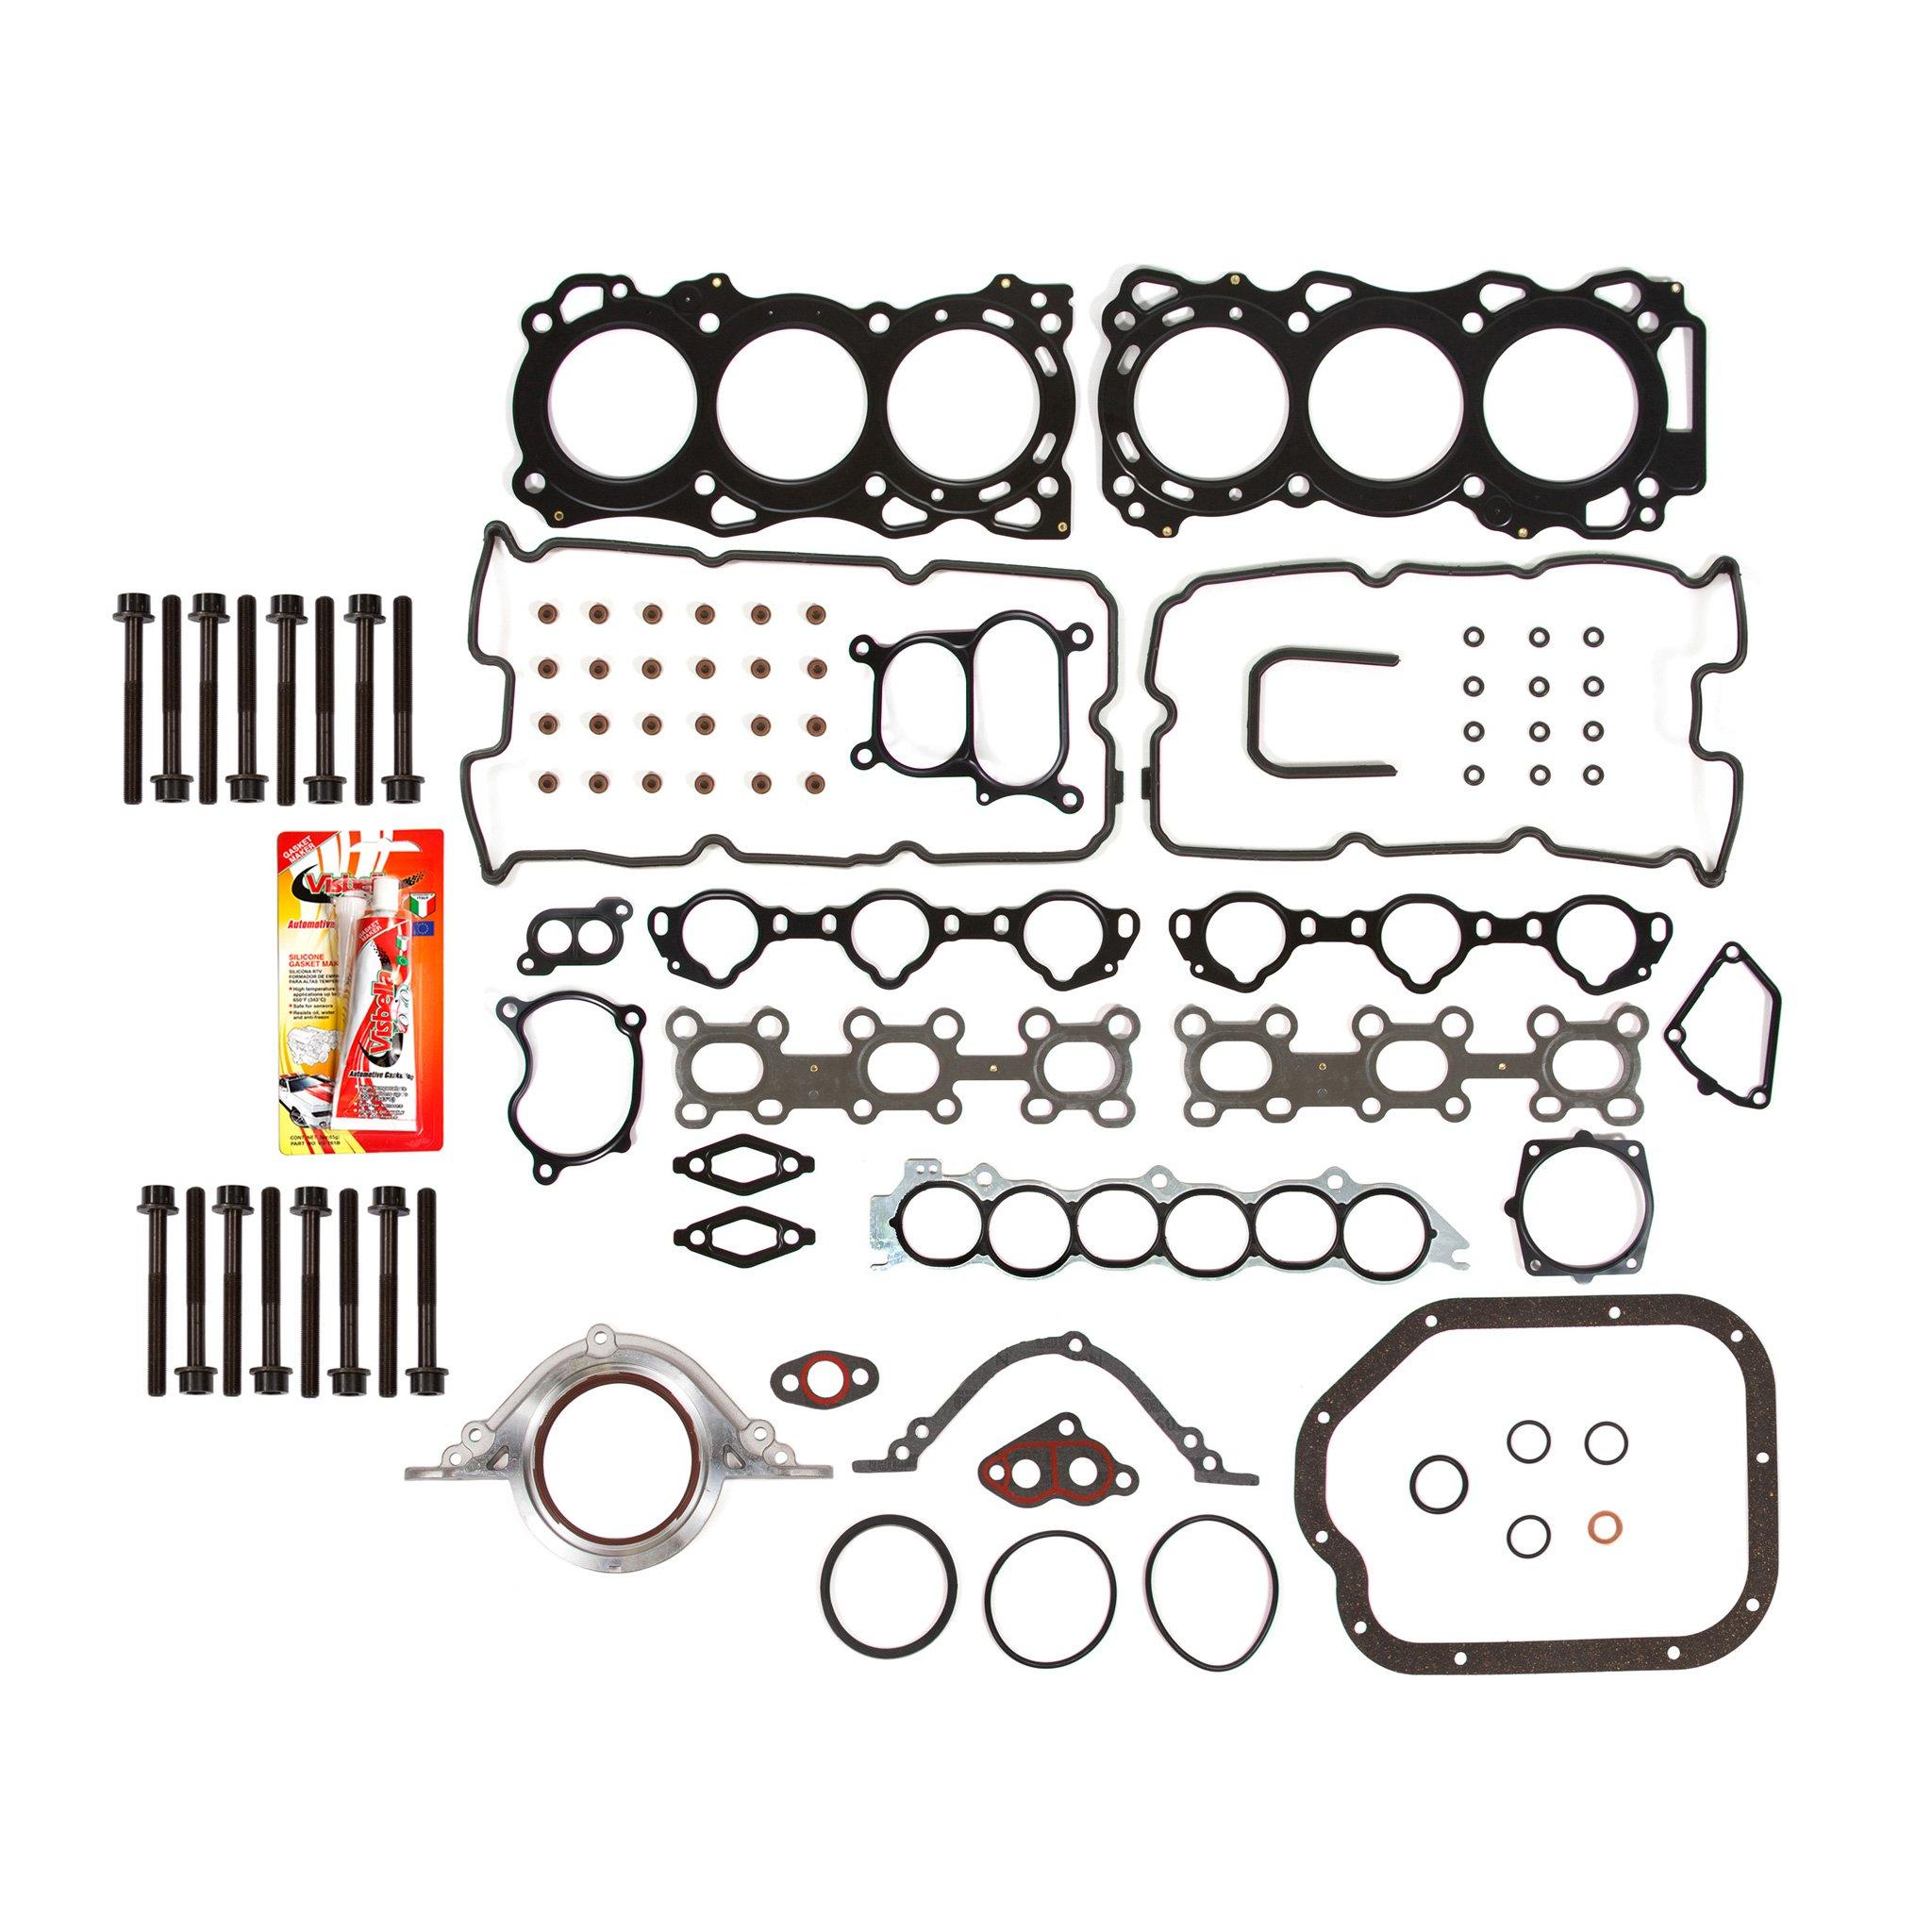 02 09 Nissan Murano Quest Altima Maxima Vq35de Full Gasket